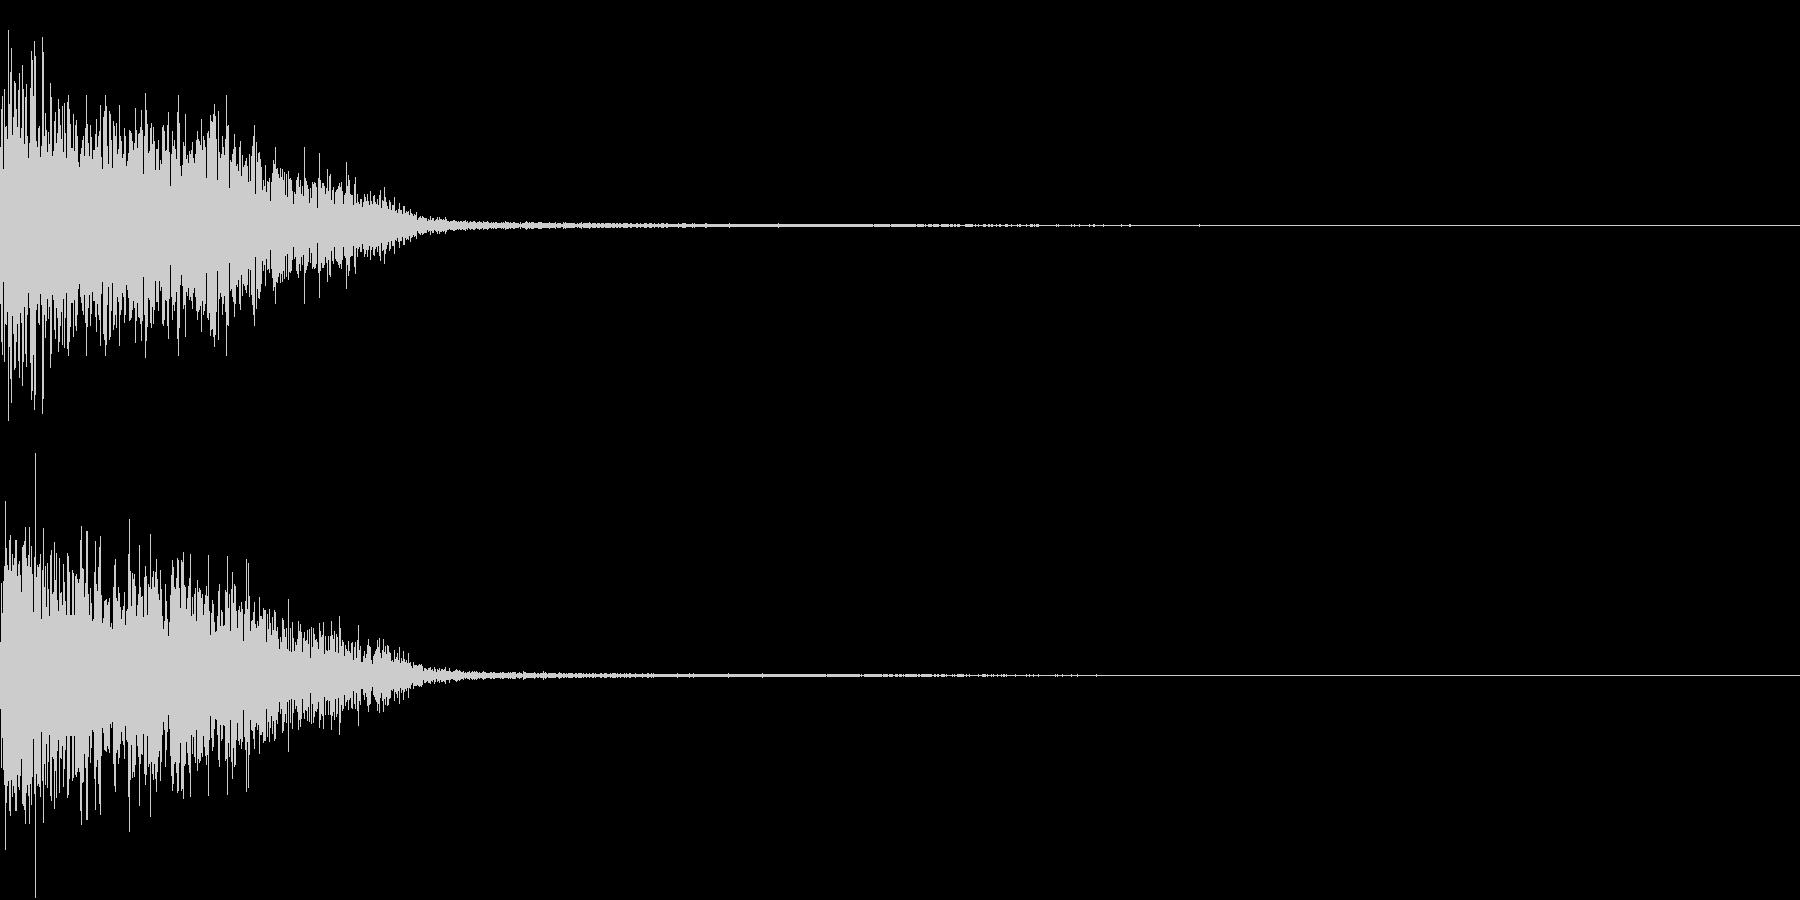 InvaderBuzz 発砲音 11の未再生の波形